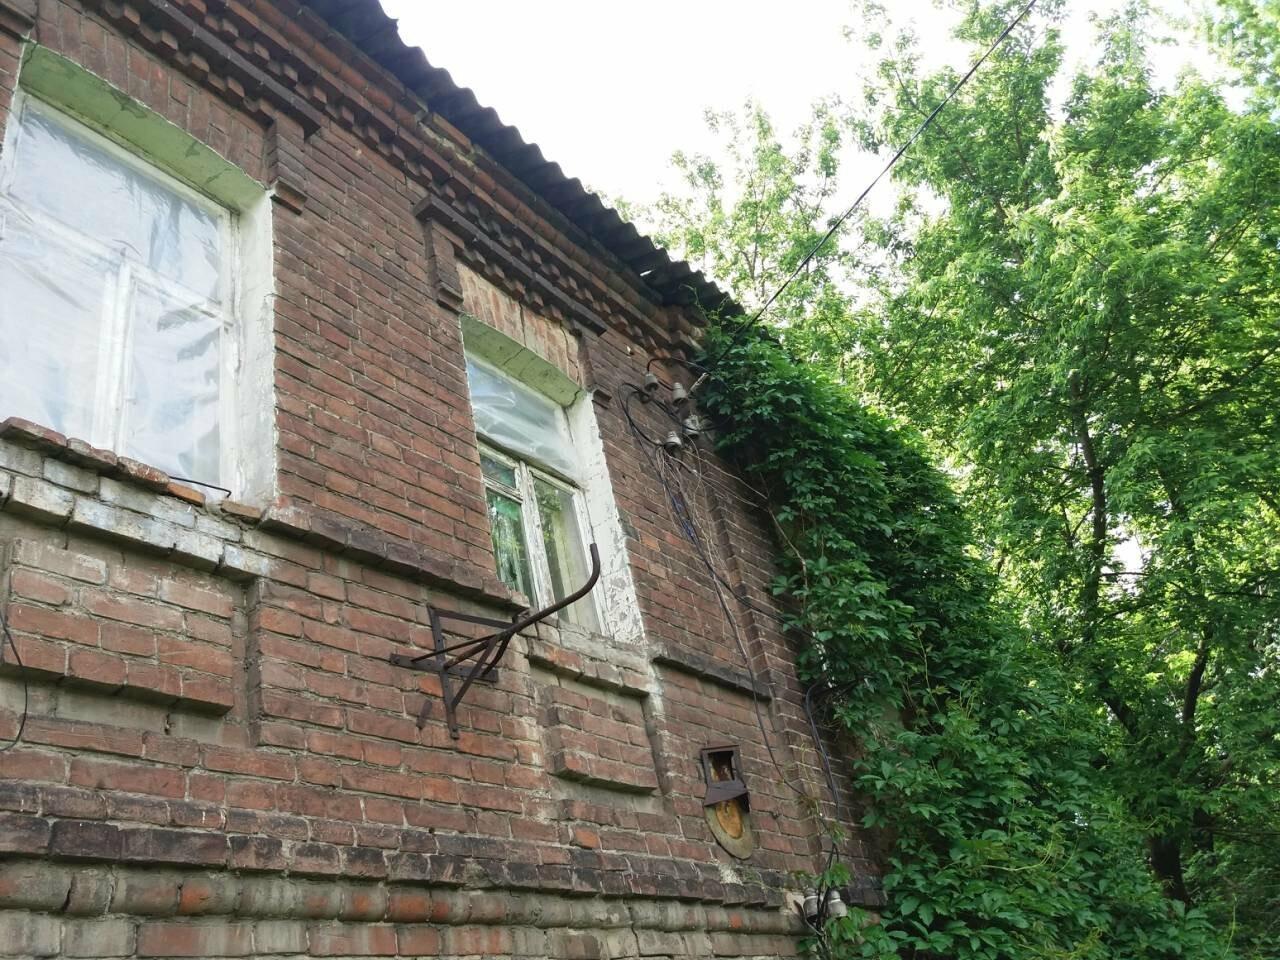 10 лет без ремонта: почему в Харькове не спешат восстанавливать аварийный дом, - ФОТО, фото-32